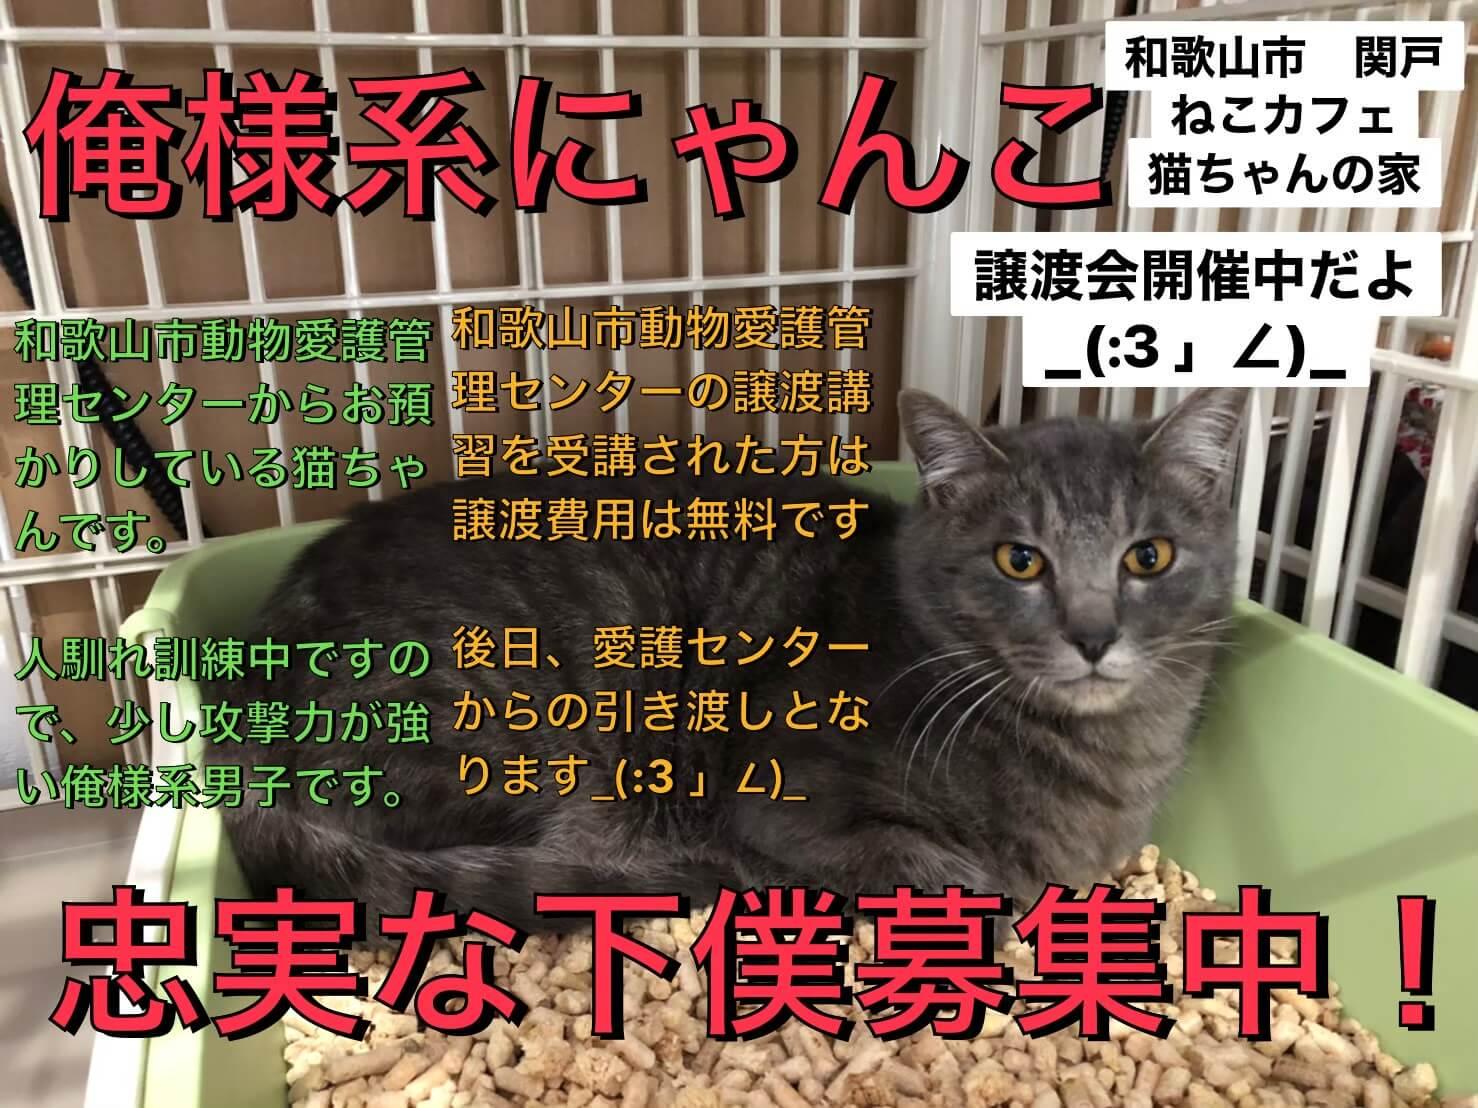 和歌山市動物愛護管理センター出身の猫ちゃんの譲渡会です!